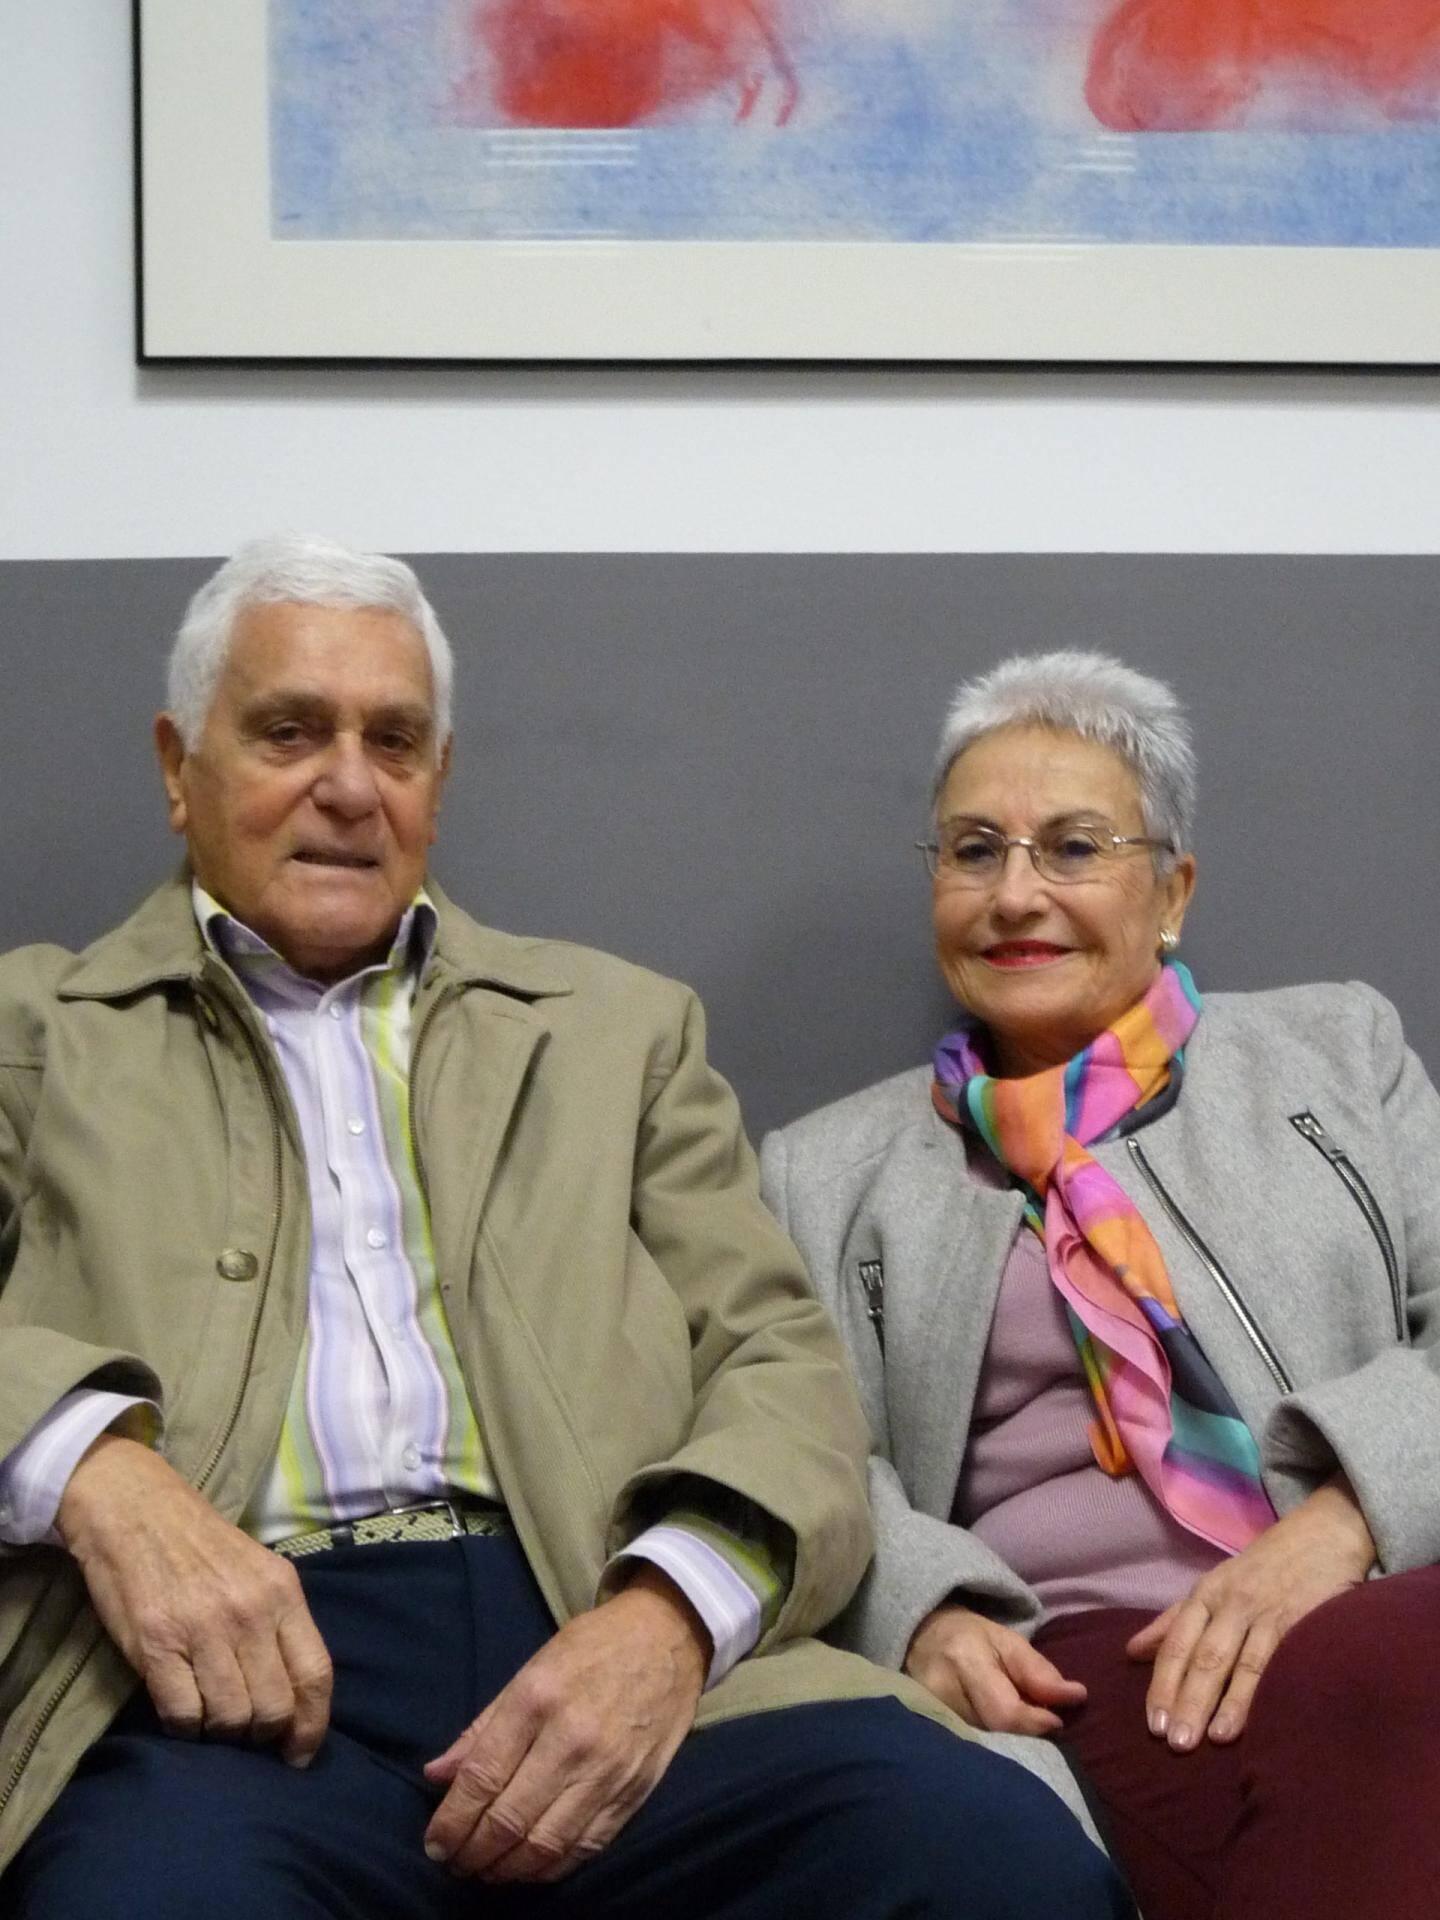 André Tzutzuiano et Céline Ortega, retraités.